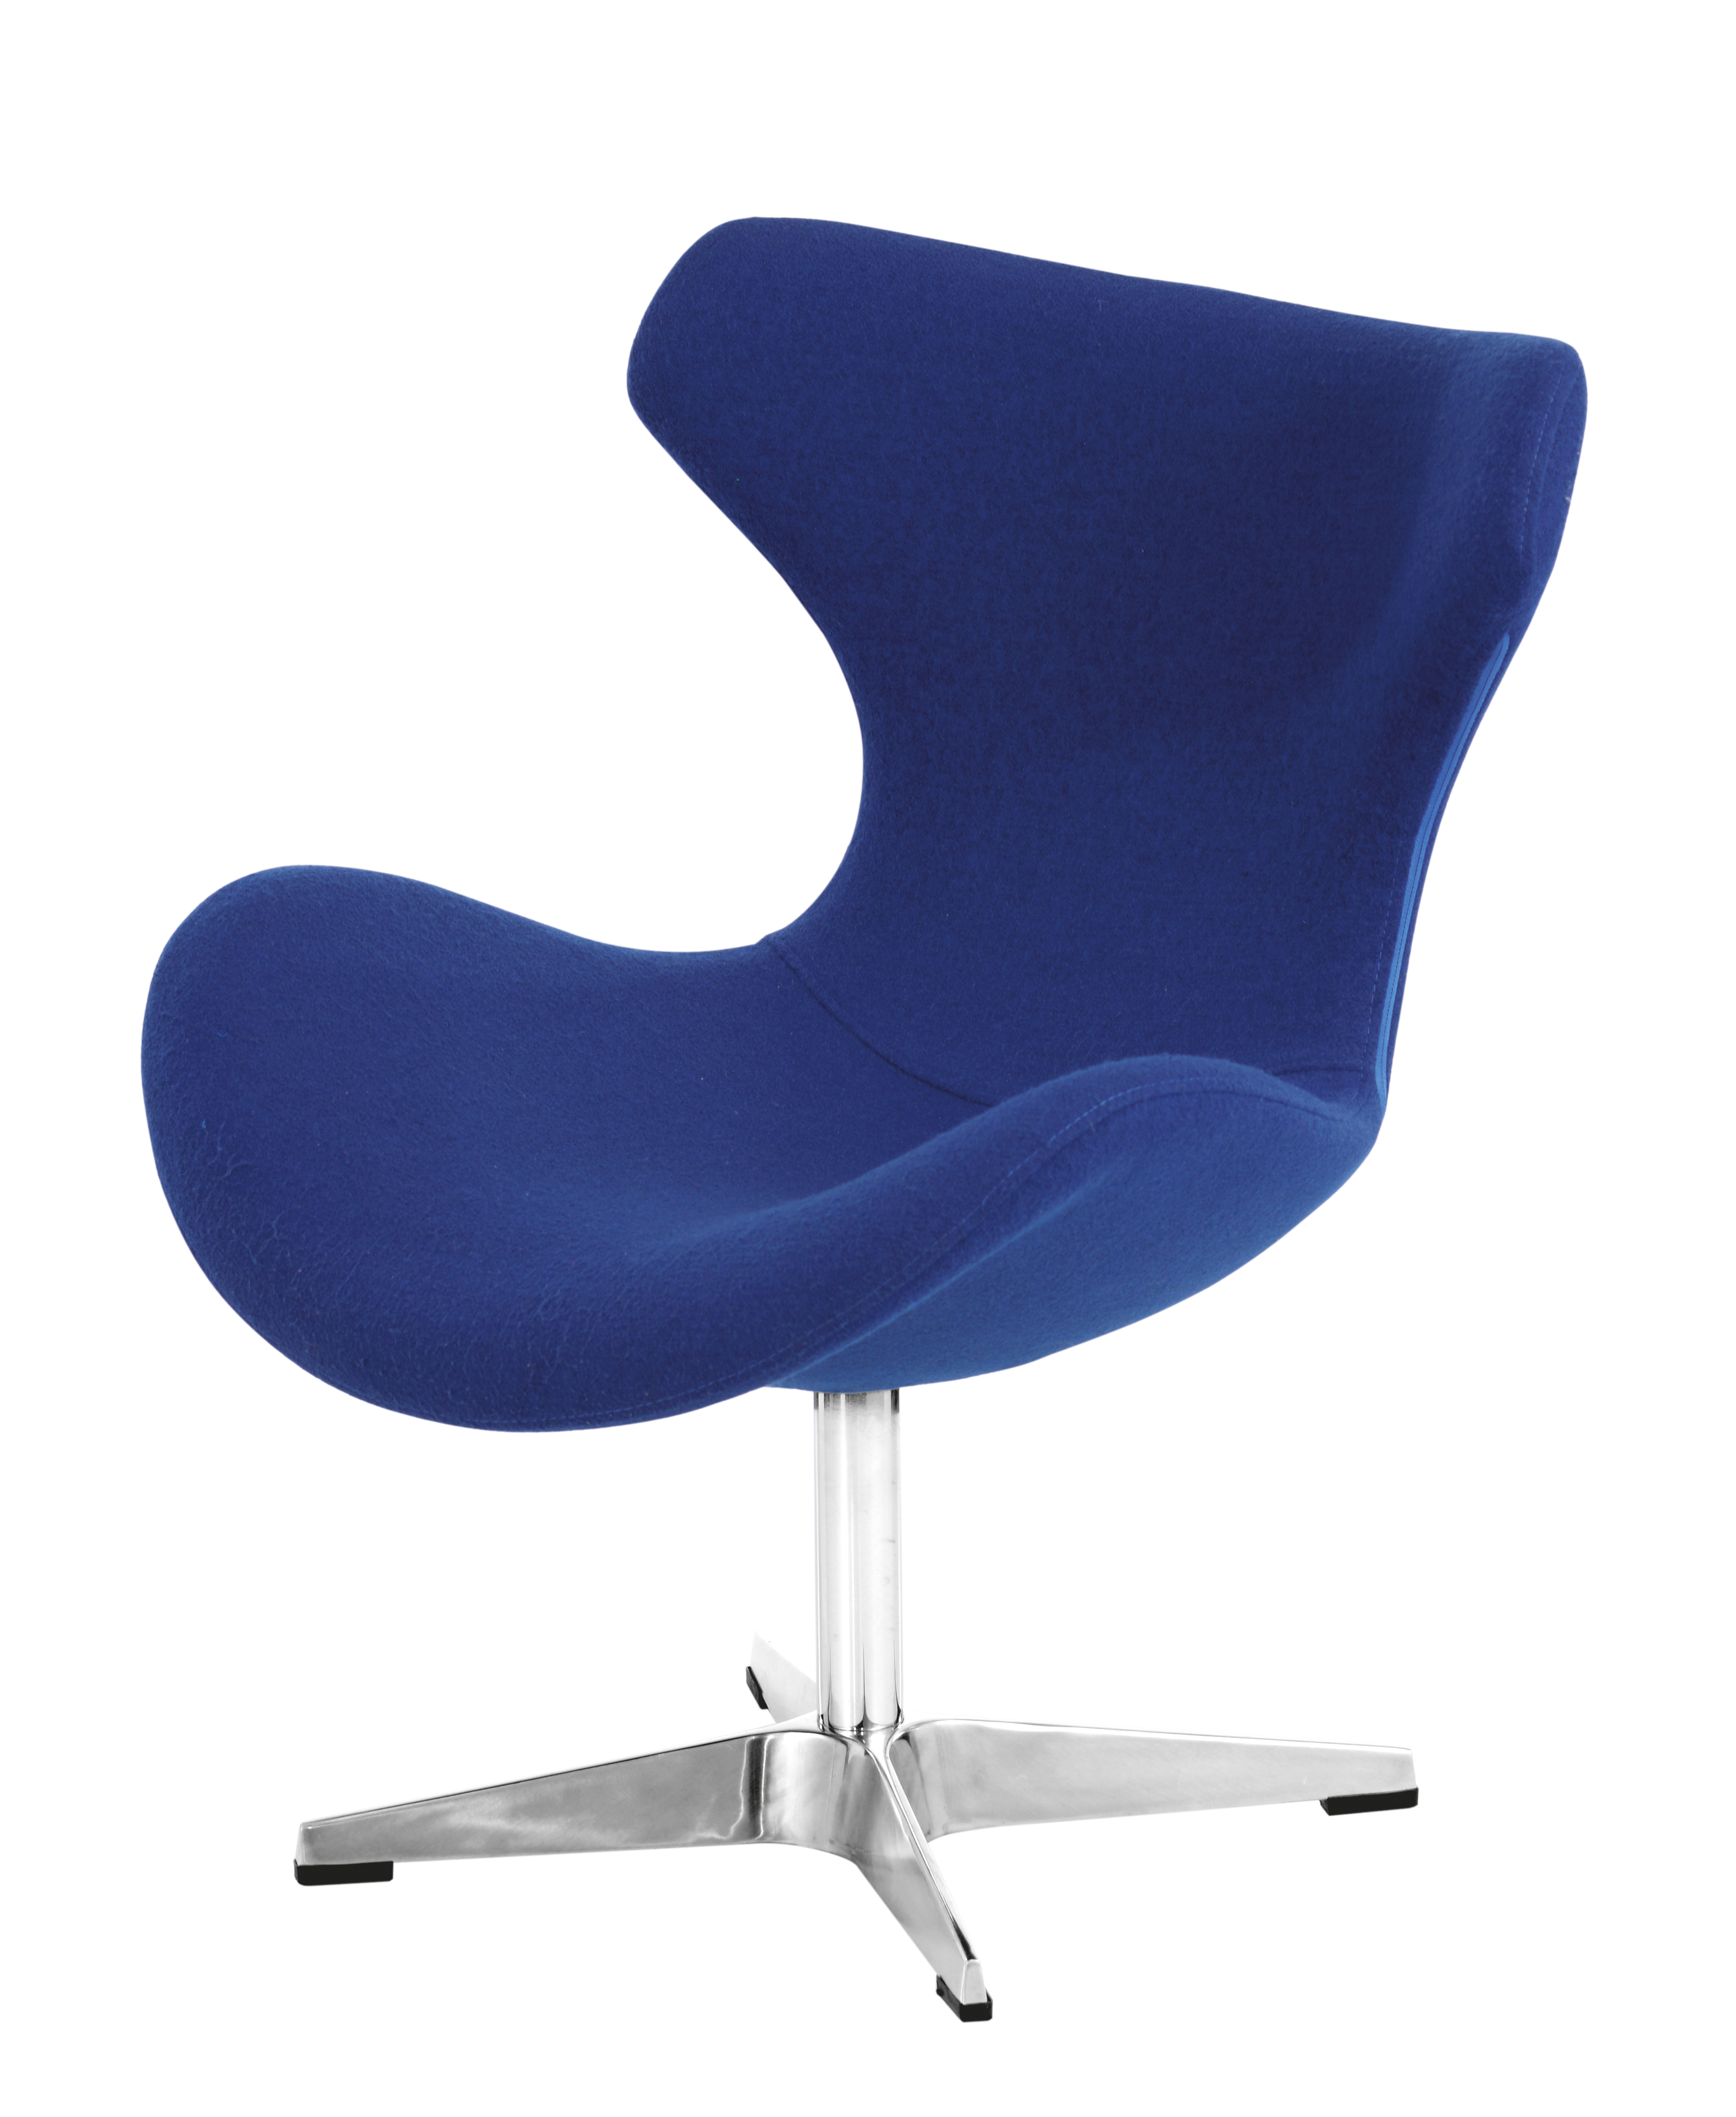 MADLEINE Lounge Chair